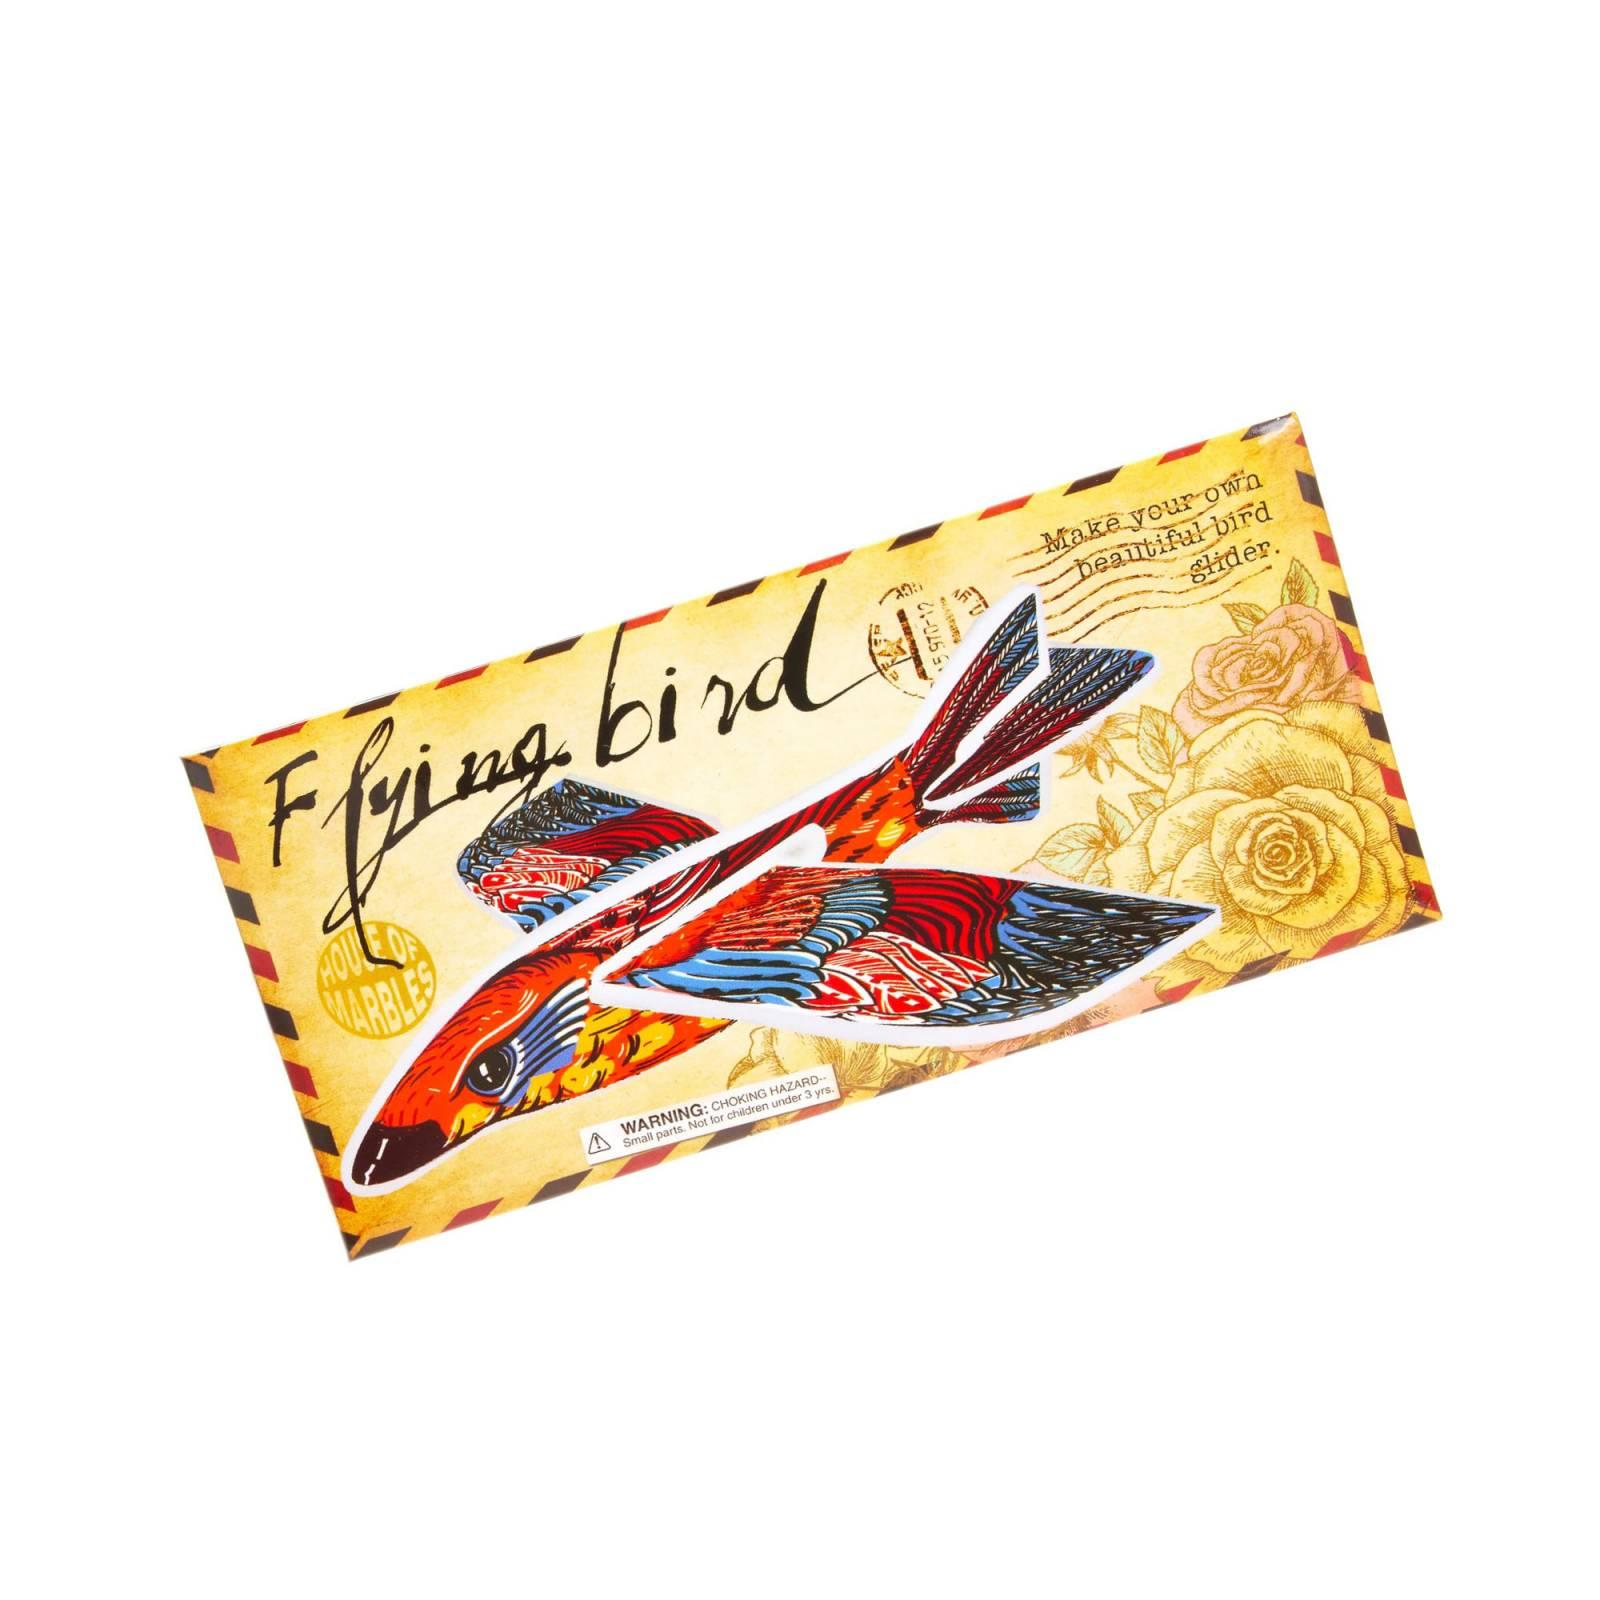 Flying Bird Glider in Envelope thumbnails